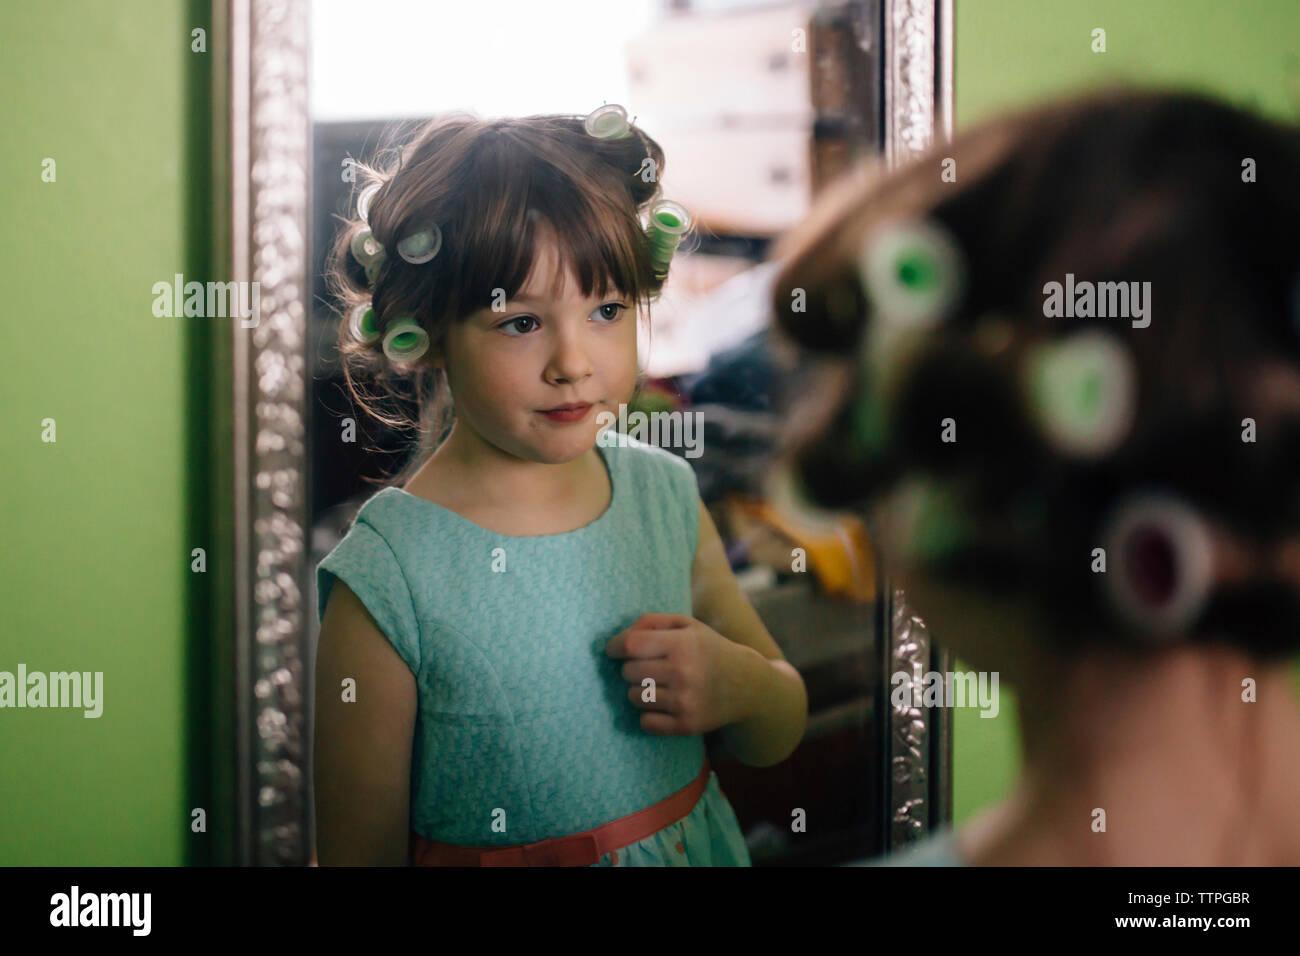 Chica con rizadores de pelo reflejando en el espejo estando en casa Imagen De Stock